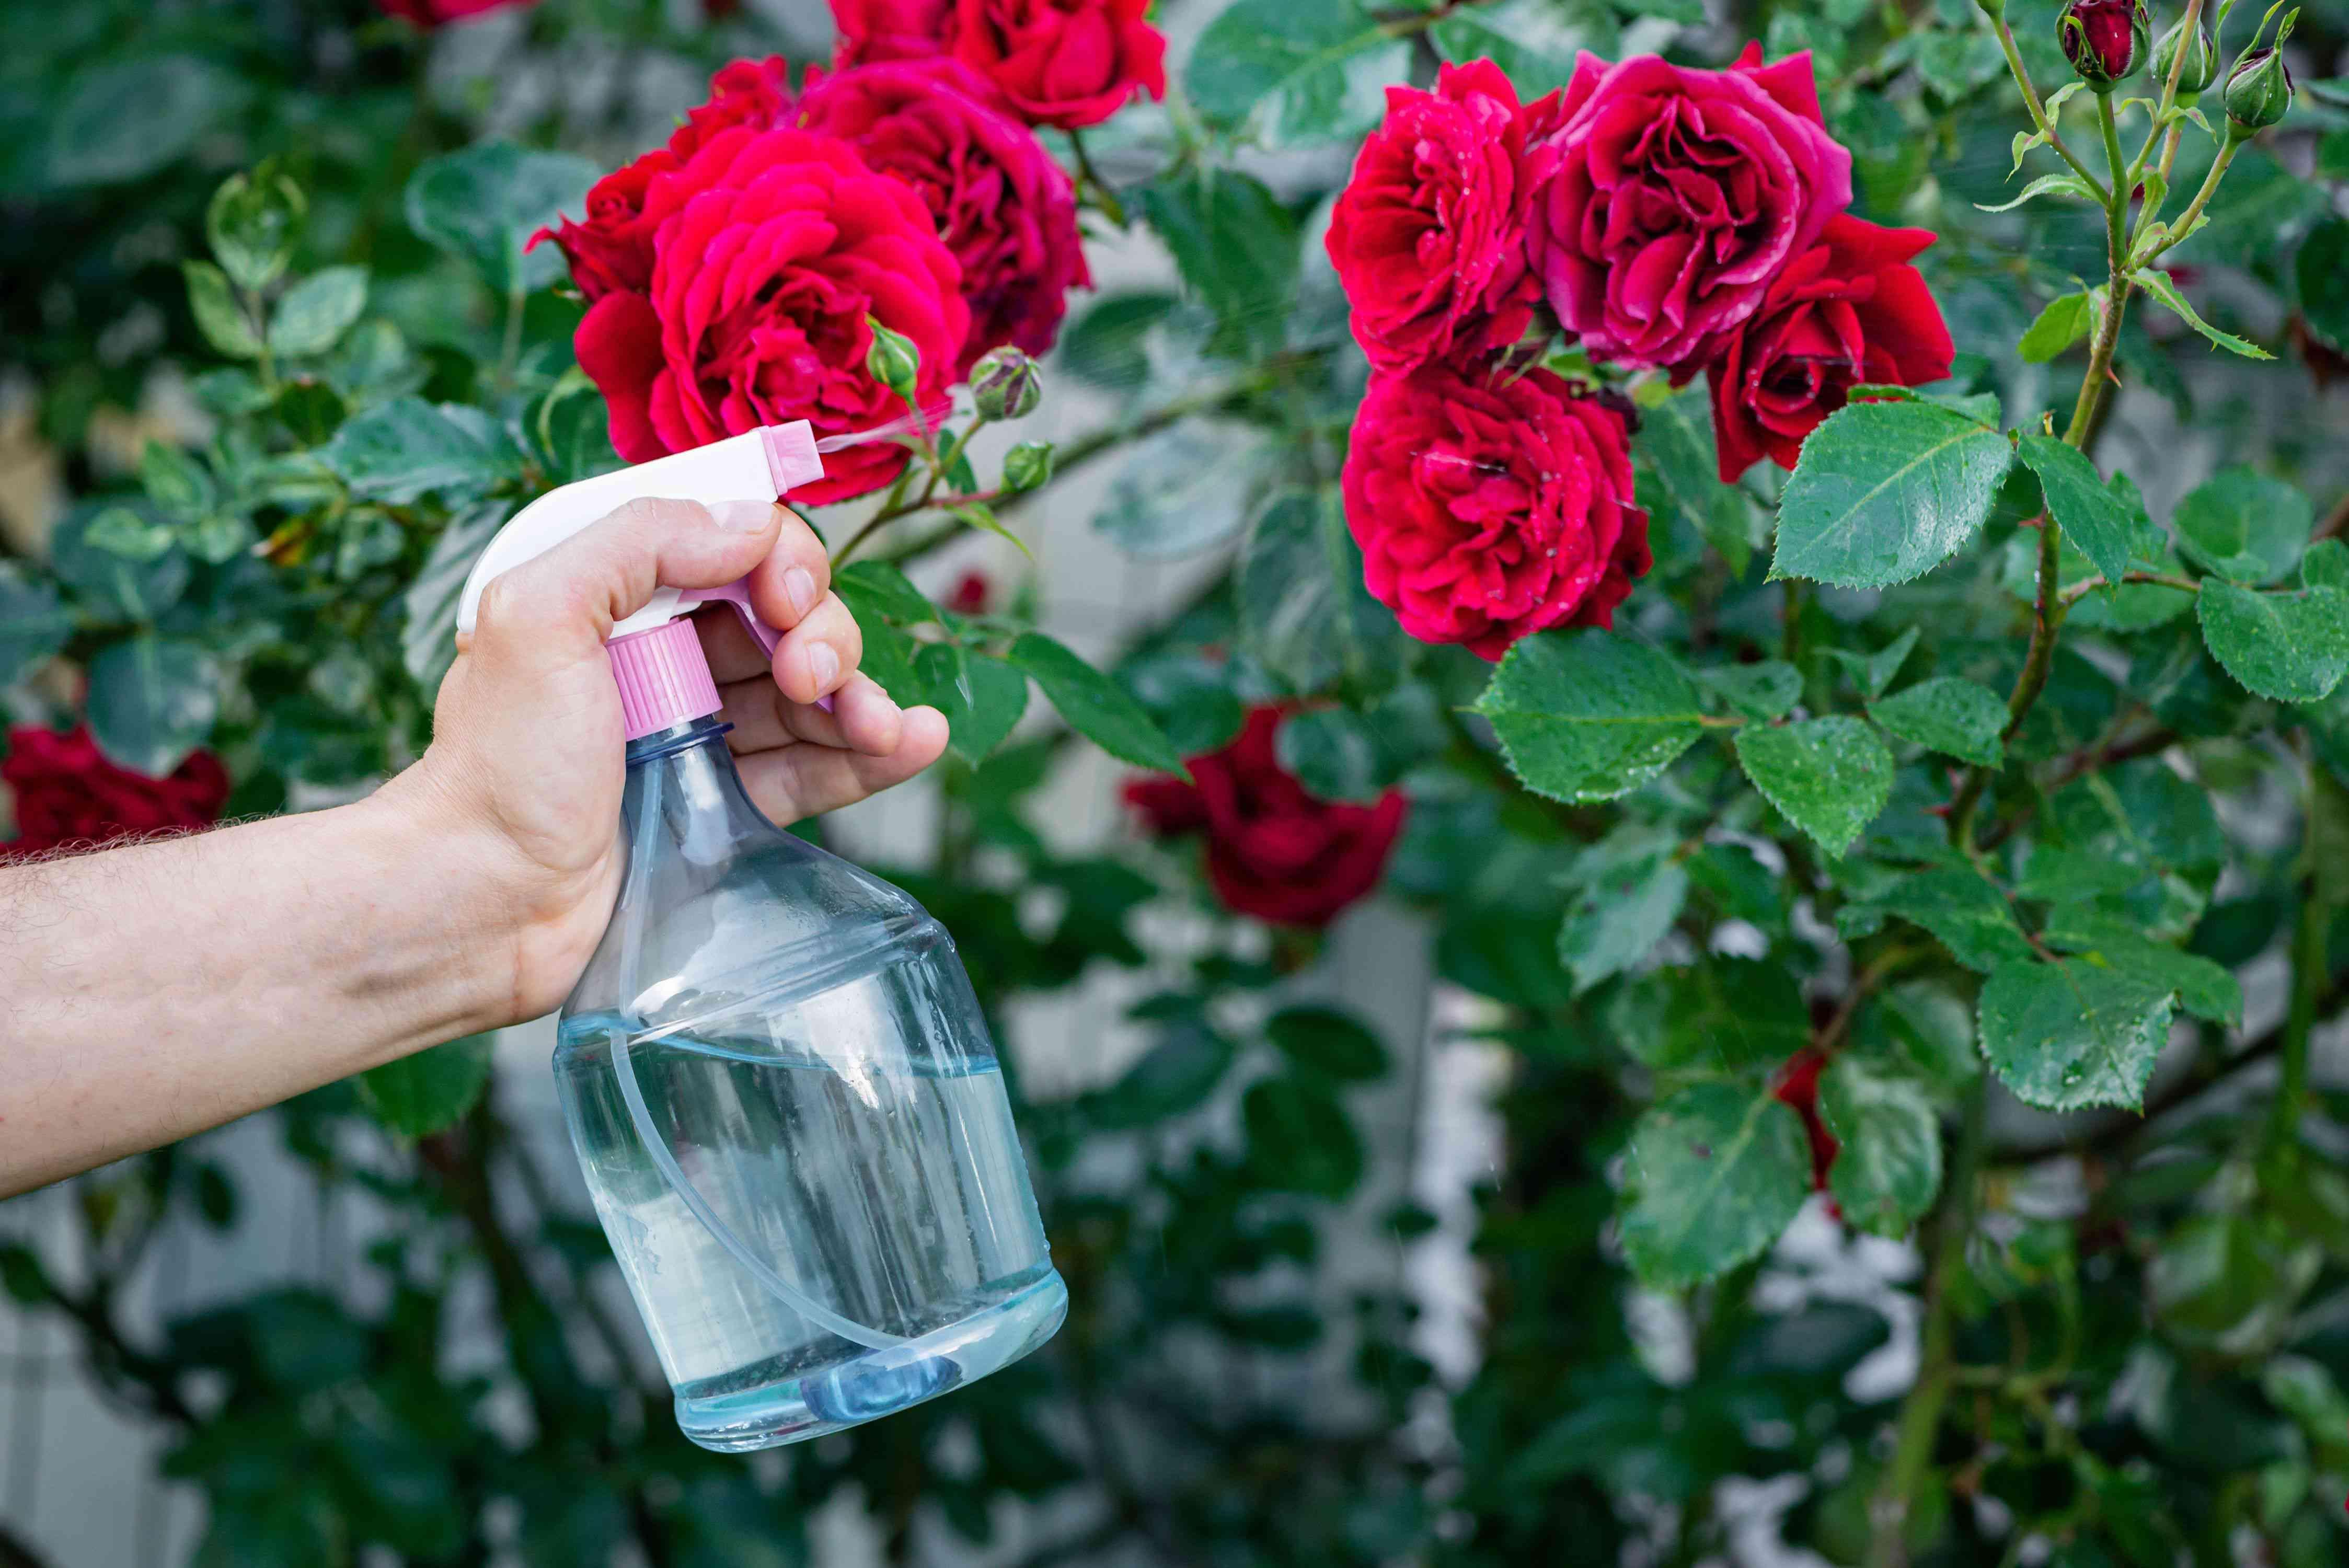 spraying baking soda mixture onto roses